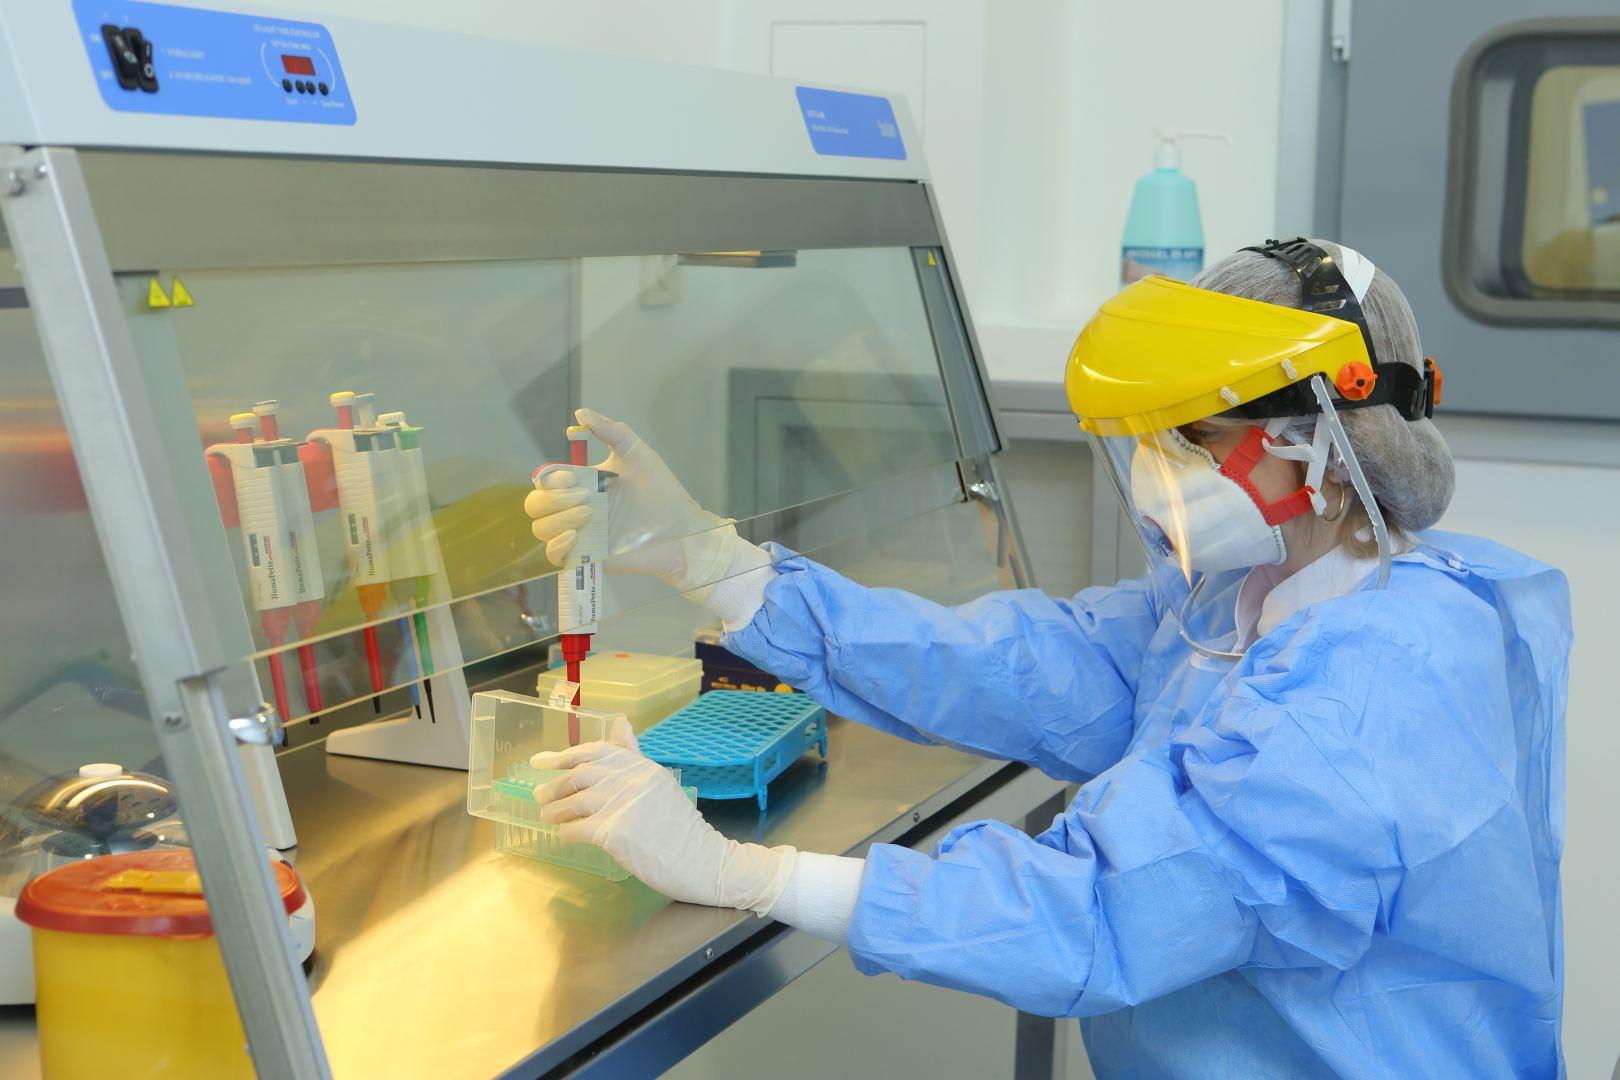 Минздрав Турции объявило открытый тендер на создание лаборатории